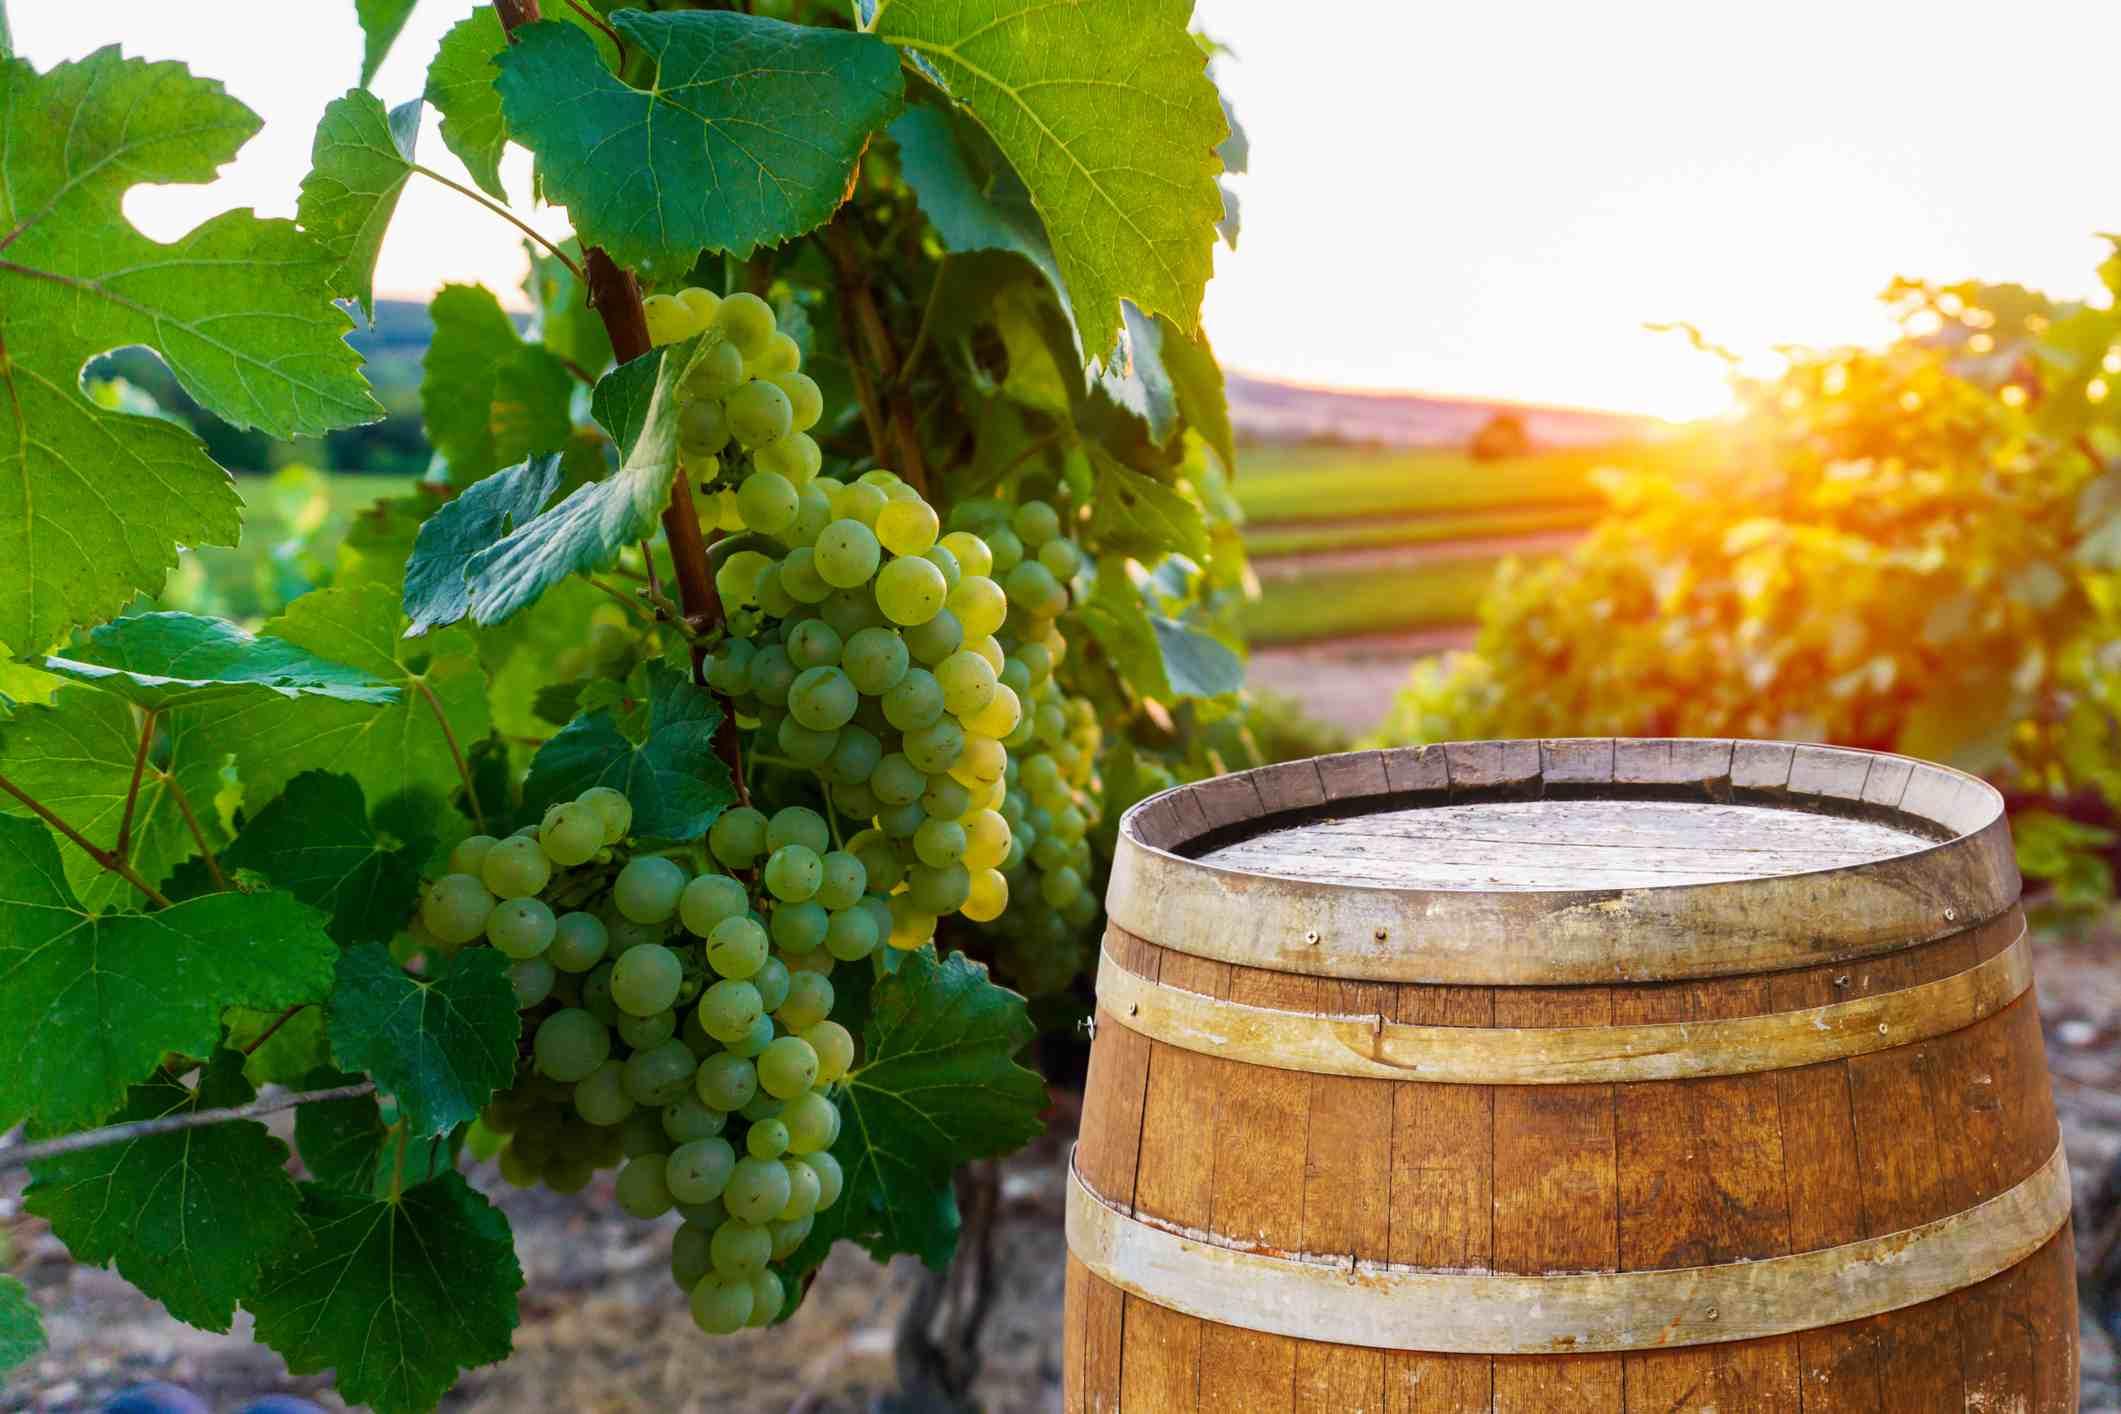 Champagne vineyards at Montagne de reims